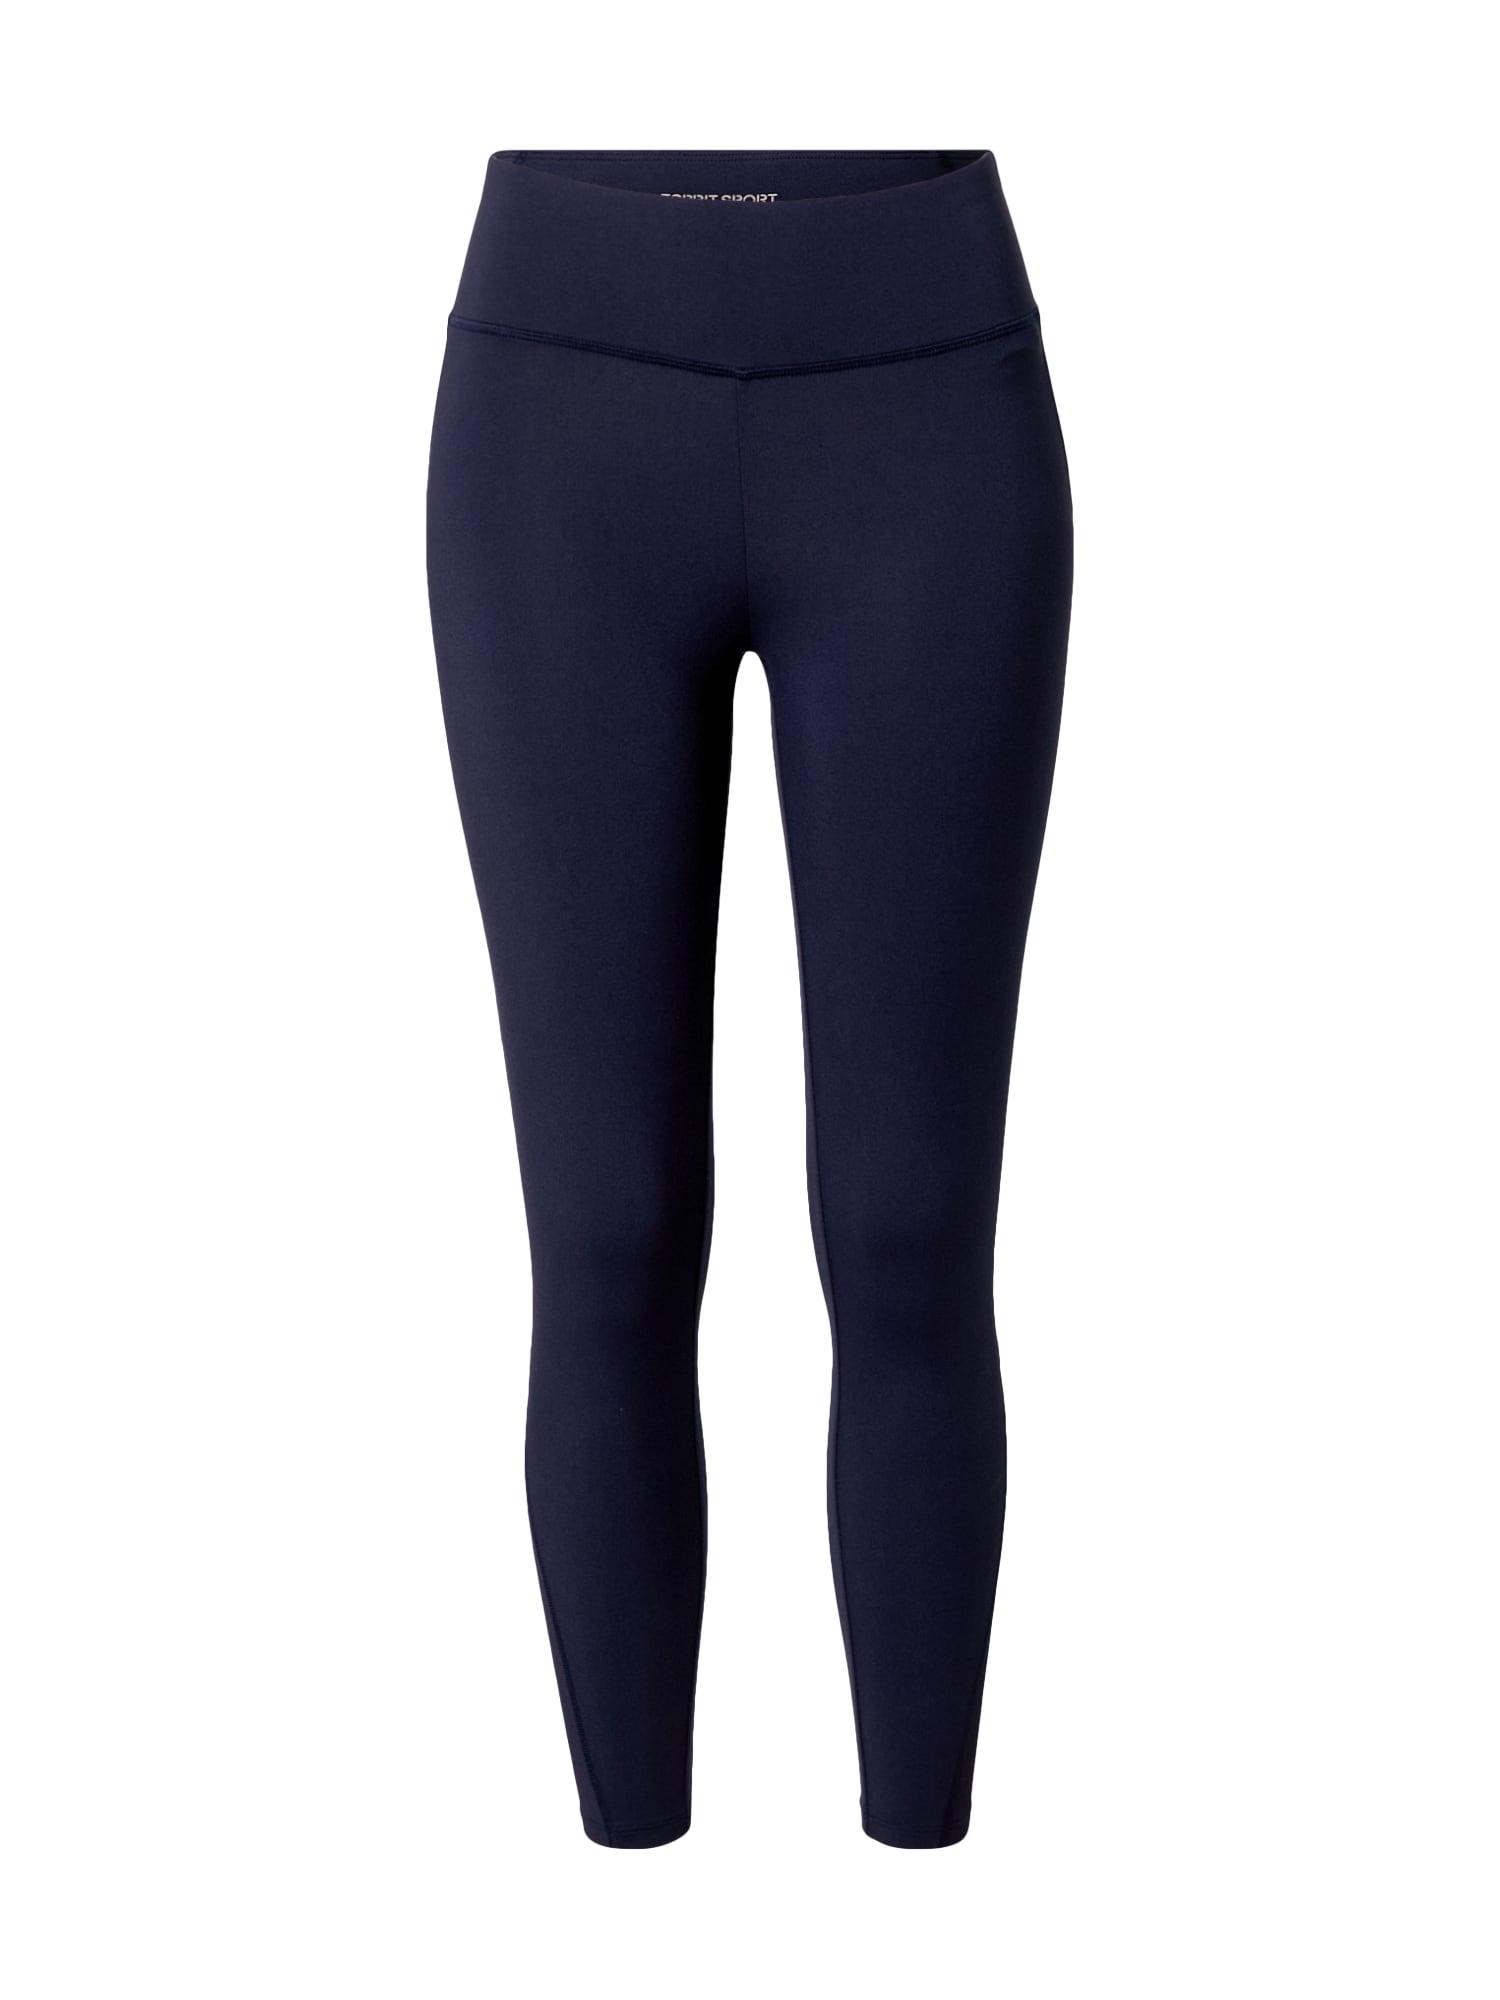 ESPRIT SPORT Sportinės kelnės tamsiai mėlyna